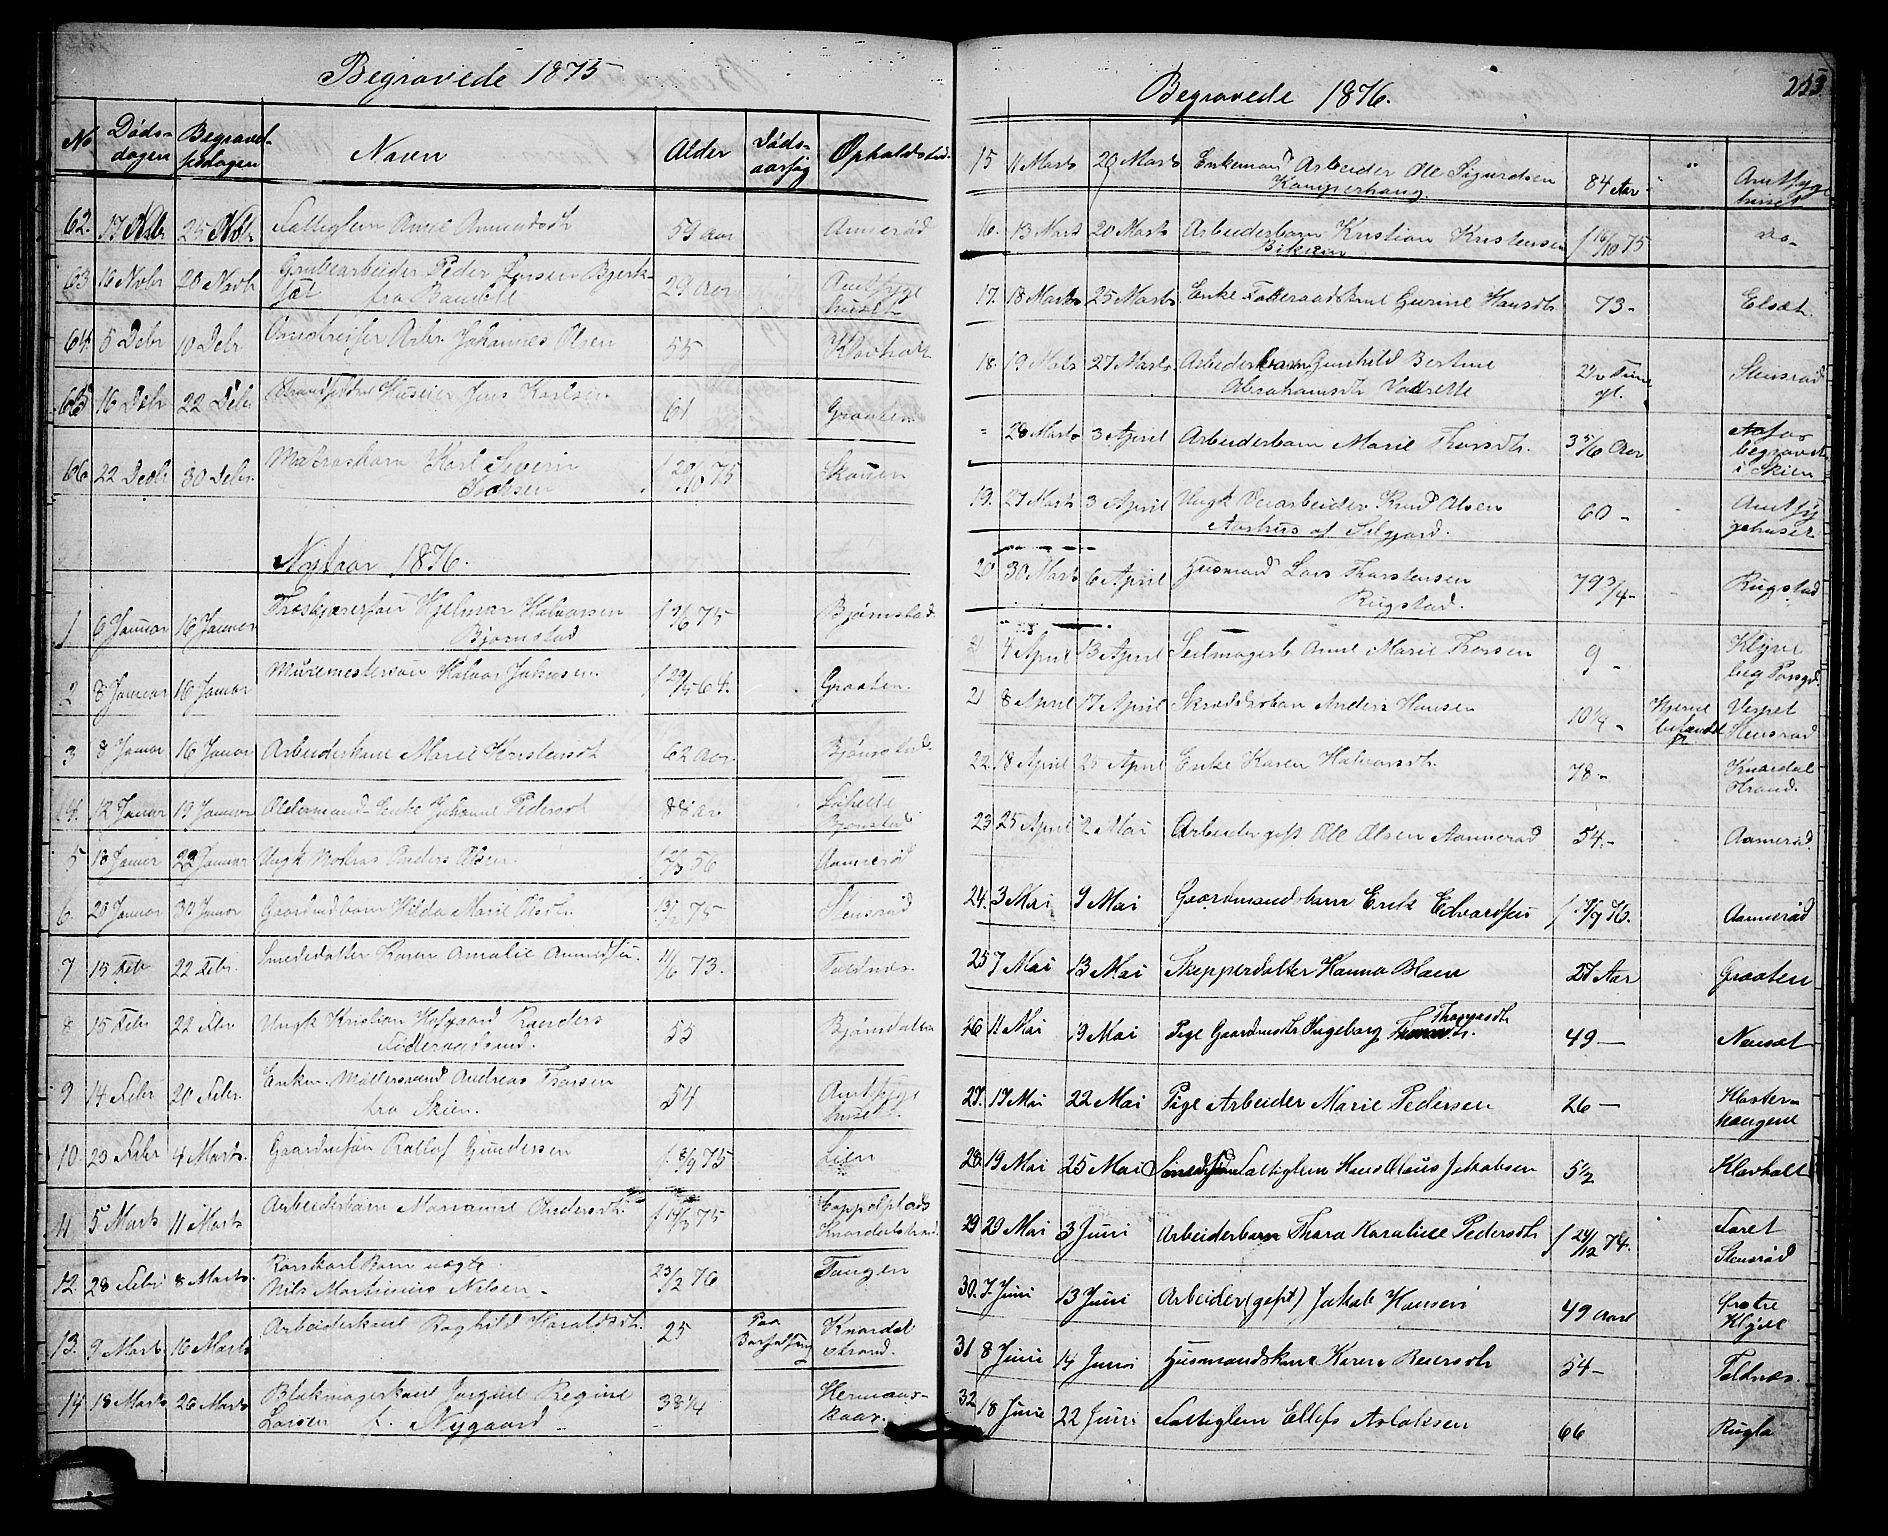 SAKO, Solum kirkebøker, G/Ga/L0004: Klokkerbok nr. I 4, 1859-1876, s. 253